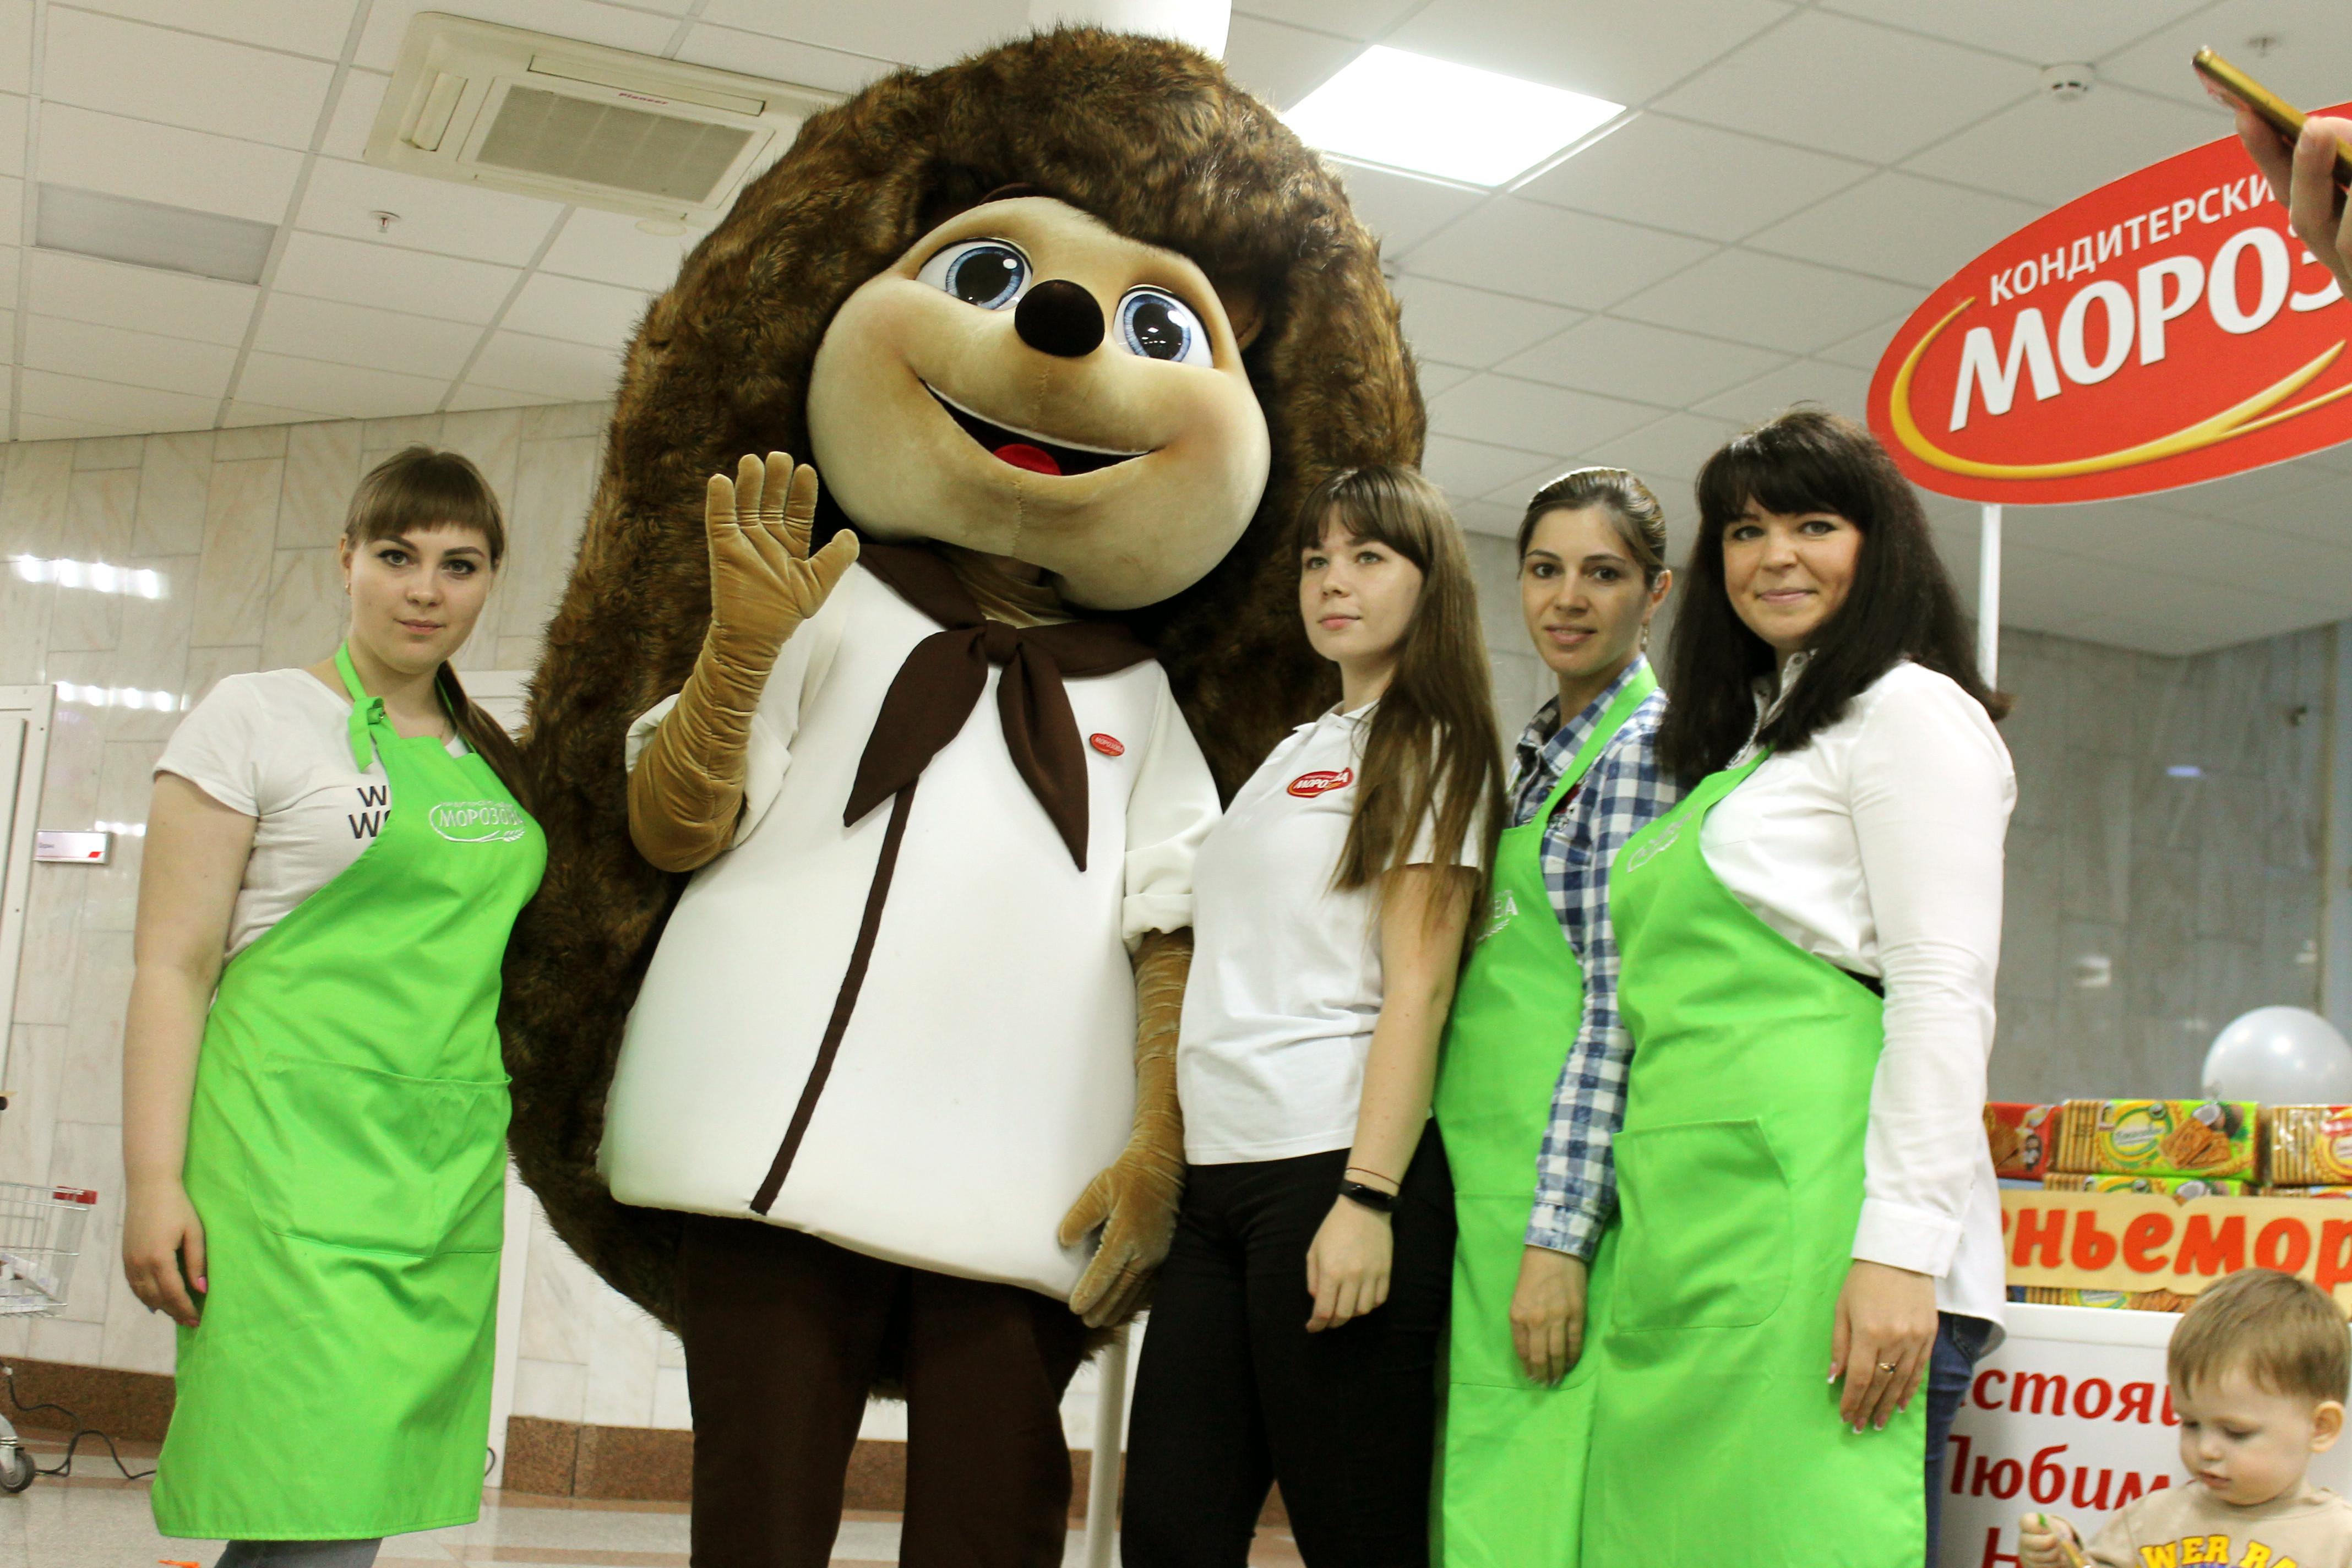 Компания приняла участие в городском детском празднике